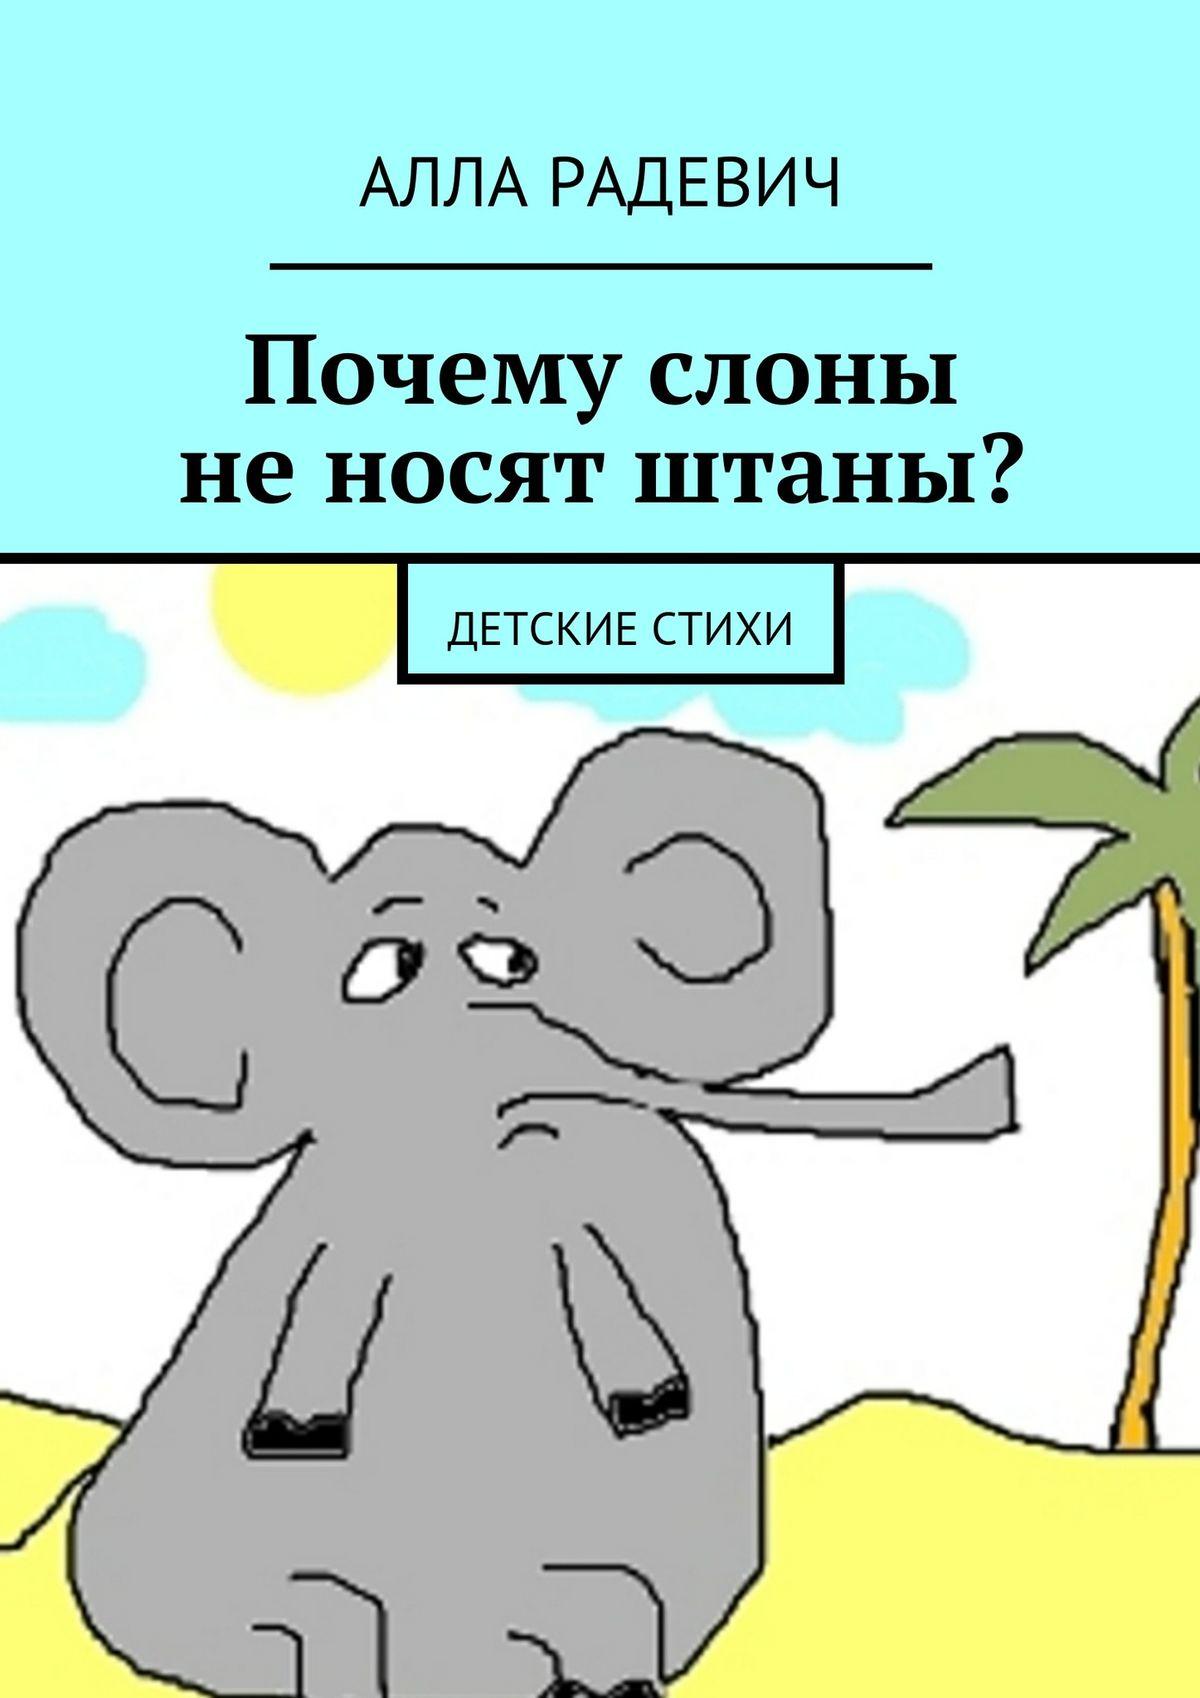 Алла Радевич Почему слоны не носят штаны? Детские стихи